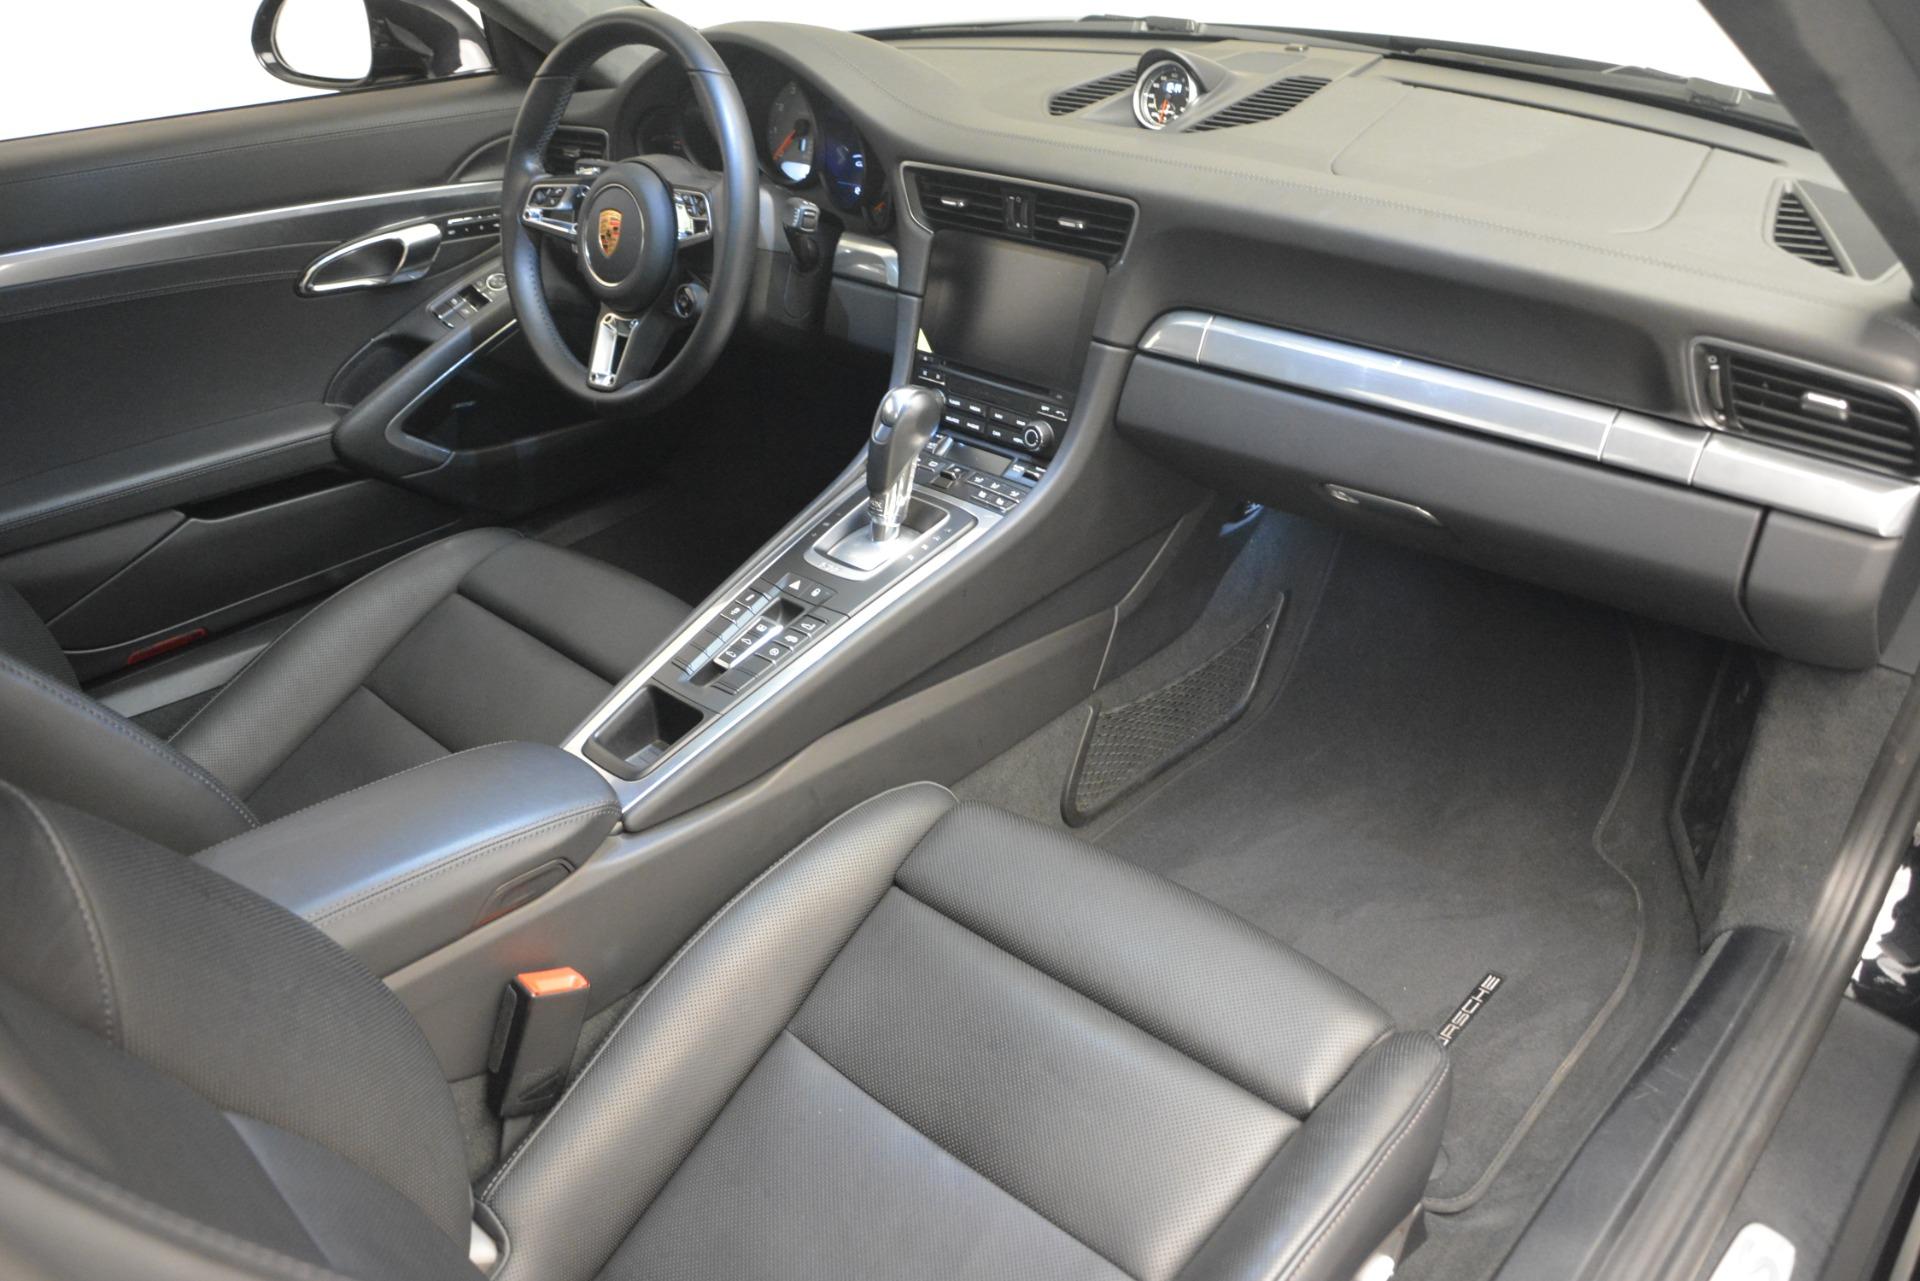 Used 2017 Porsche 911 Carrera 4S For Sale In Westport, CT 2887_p17